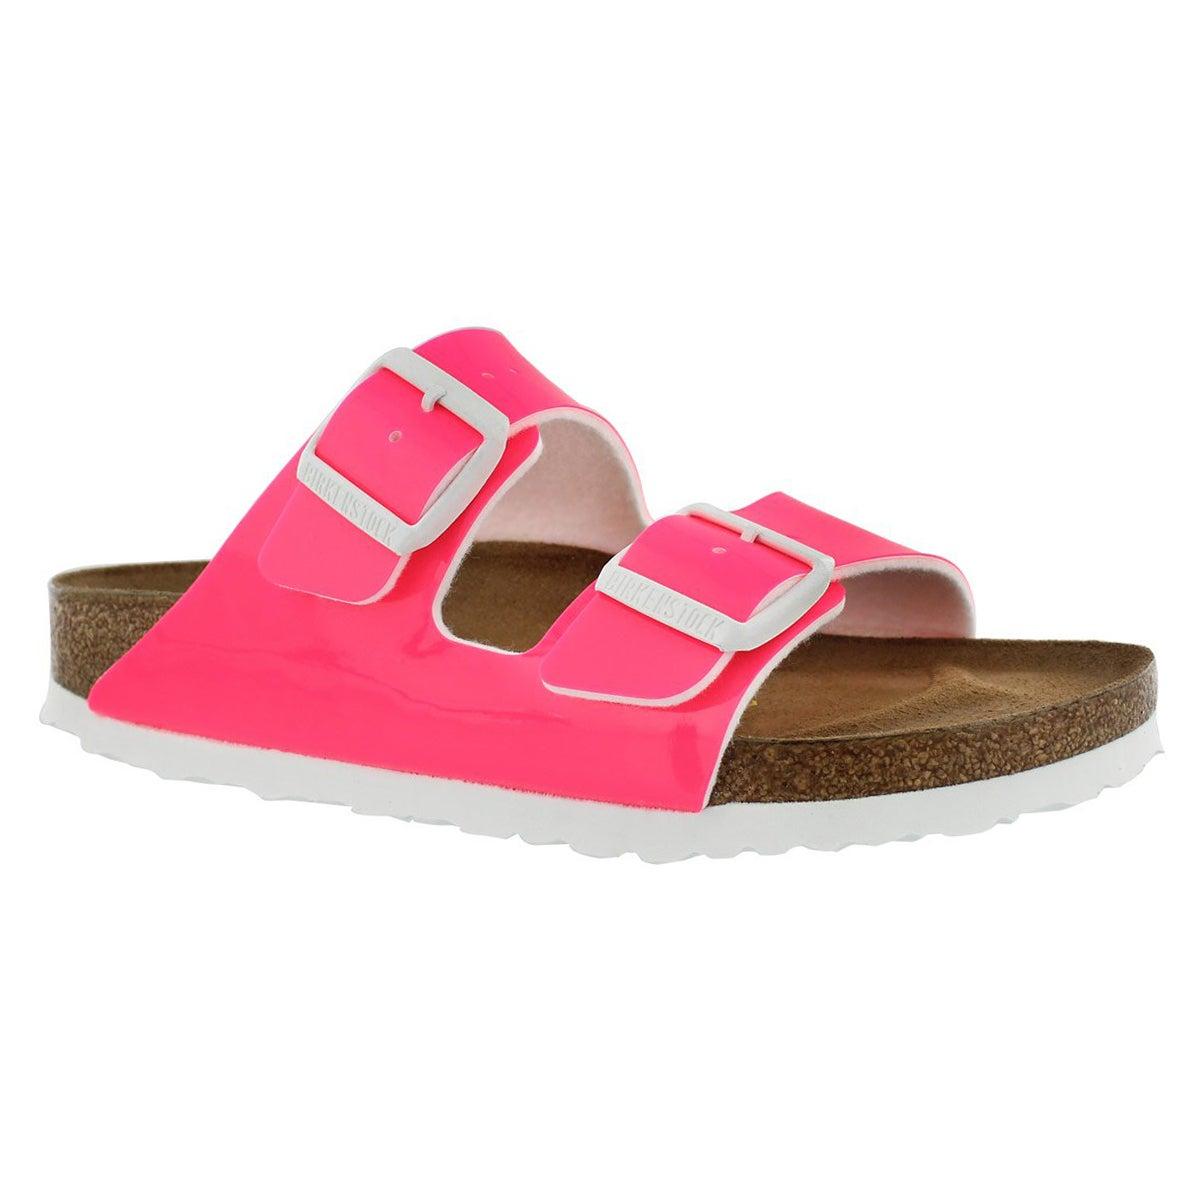 Women's ARIZONA neon pink 2 strap sandal - Narrow